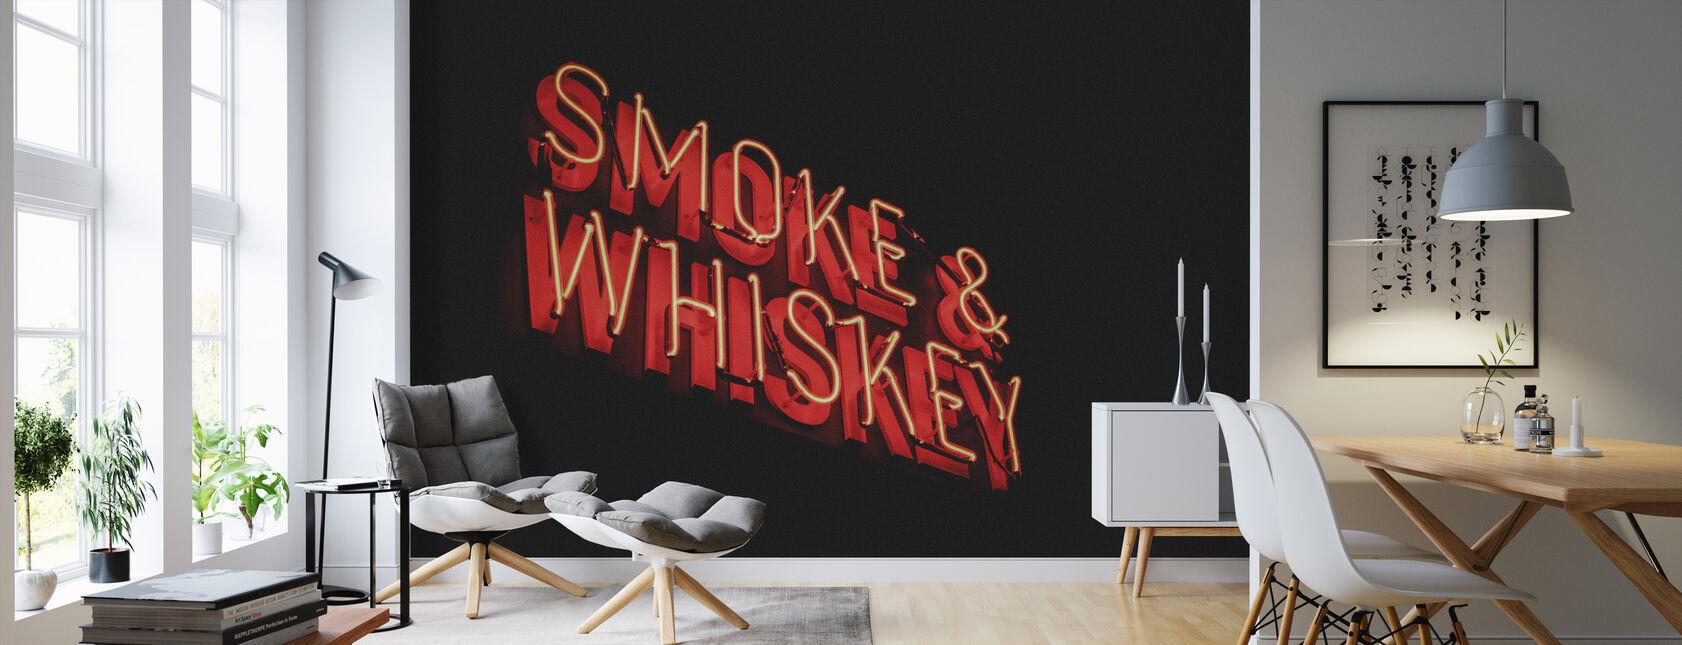 Rook en Whiskey - Behang - Woonkamer